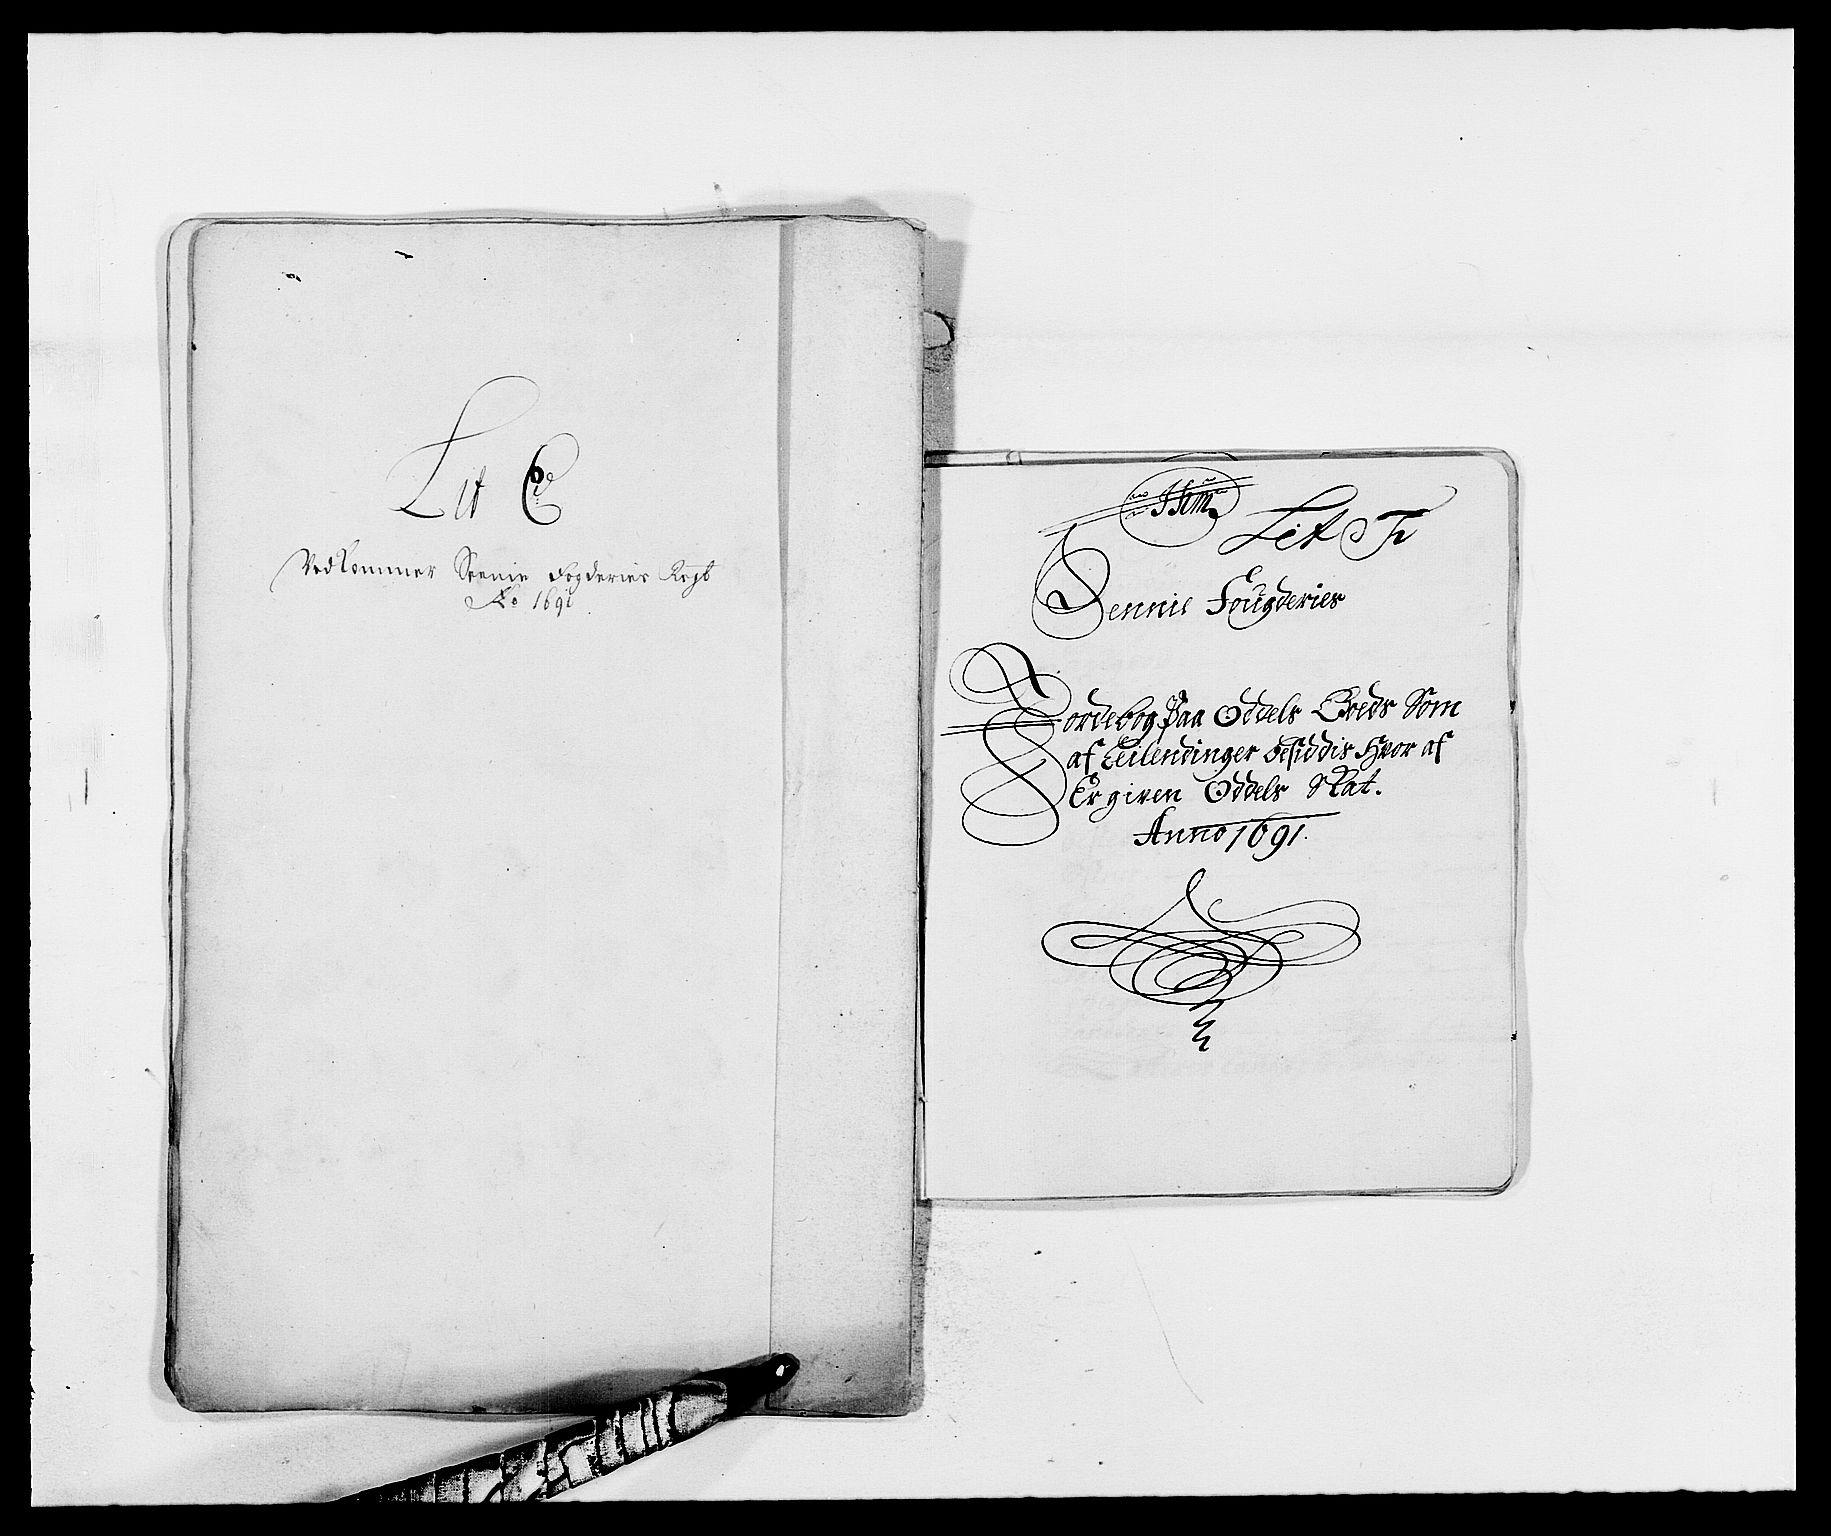 RA, Rentekammeret inntil 1814, Reviderte regnskaper, Fogderegnskap, R68/L4752: Fogderegnskap Senja og Troms, 1691-1693, s. 52